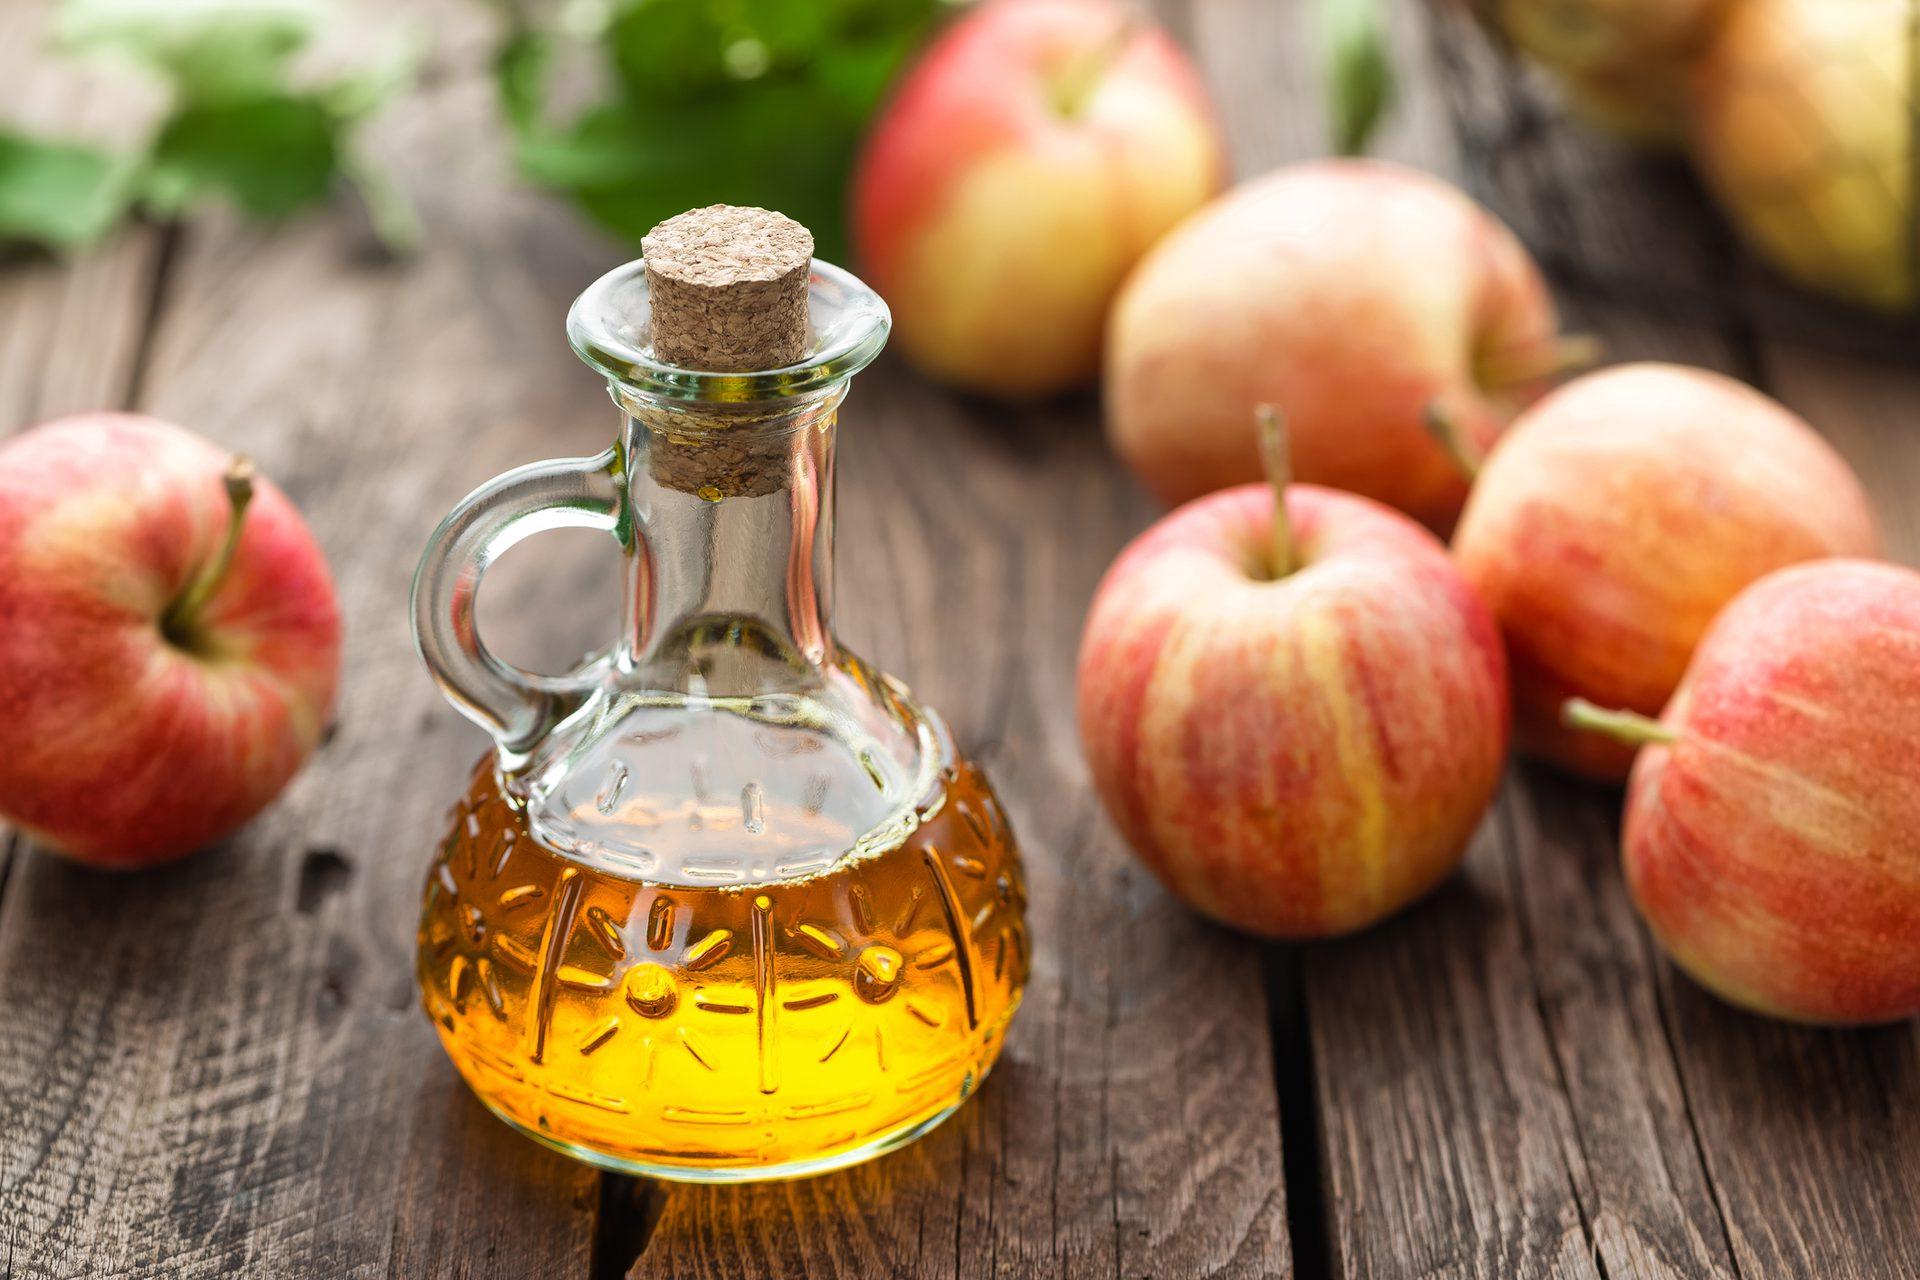 laceto di mele biologico serve a perdere peso